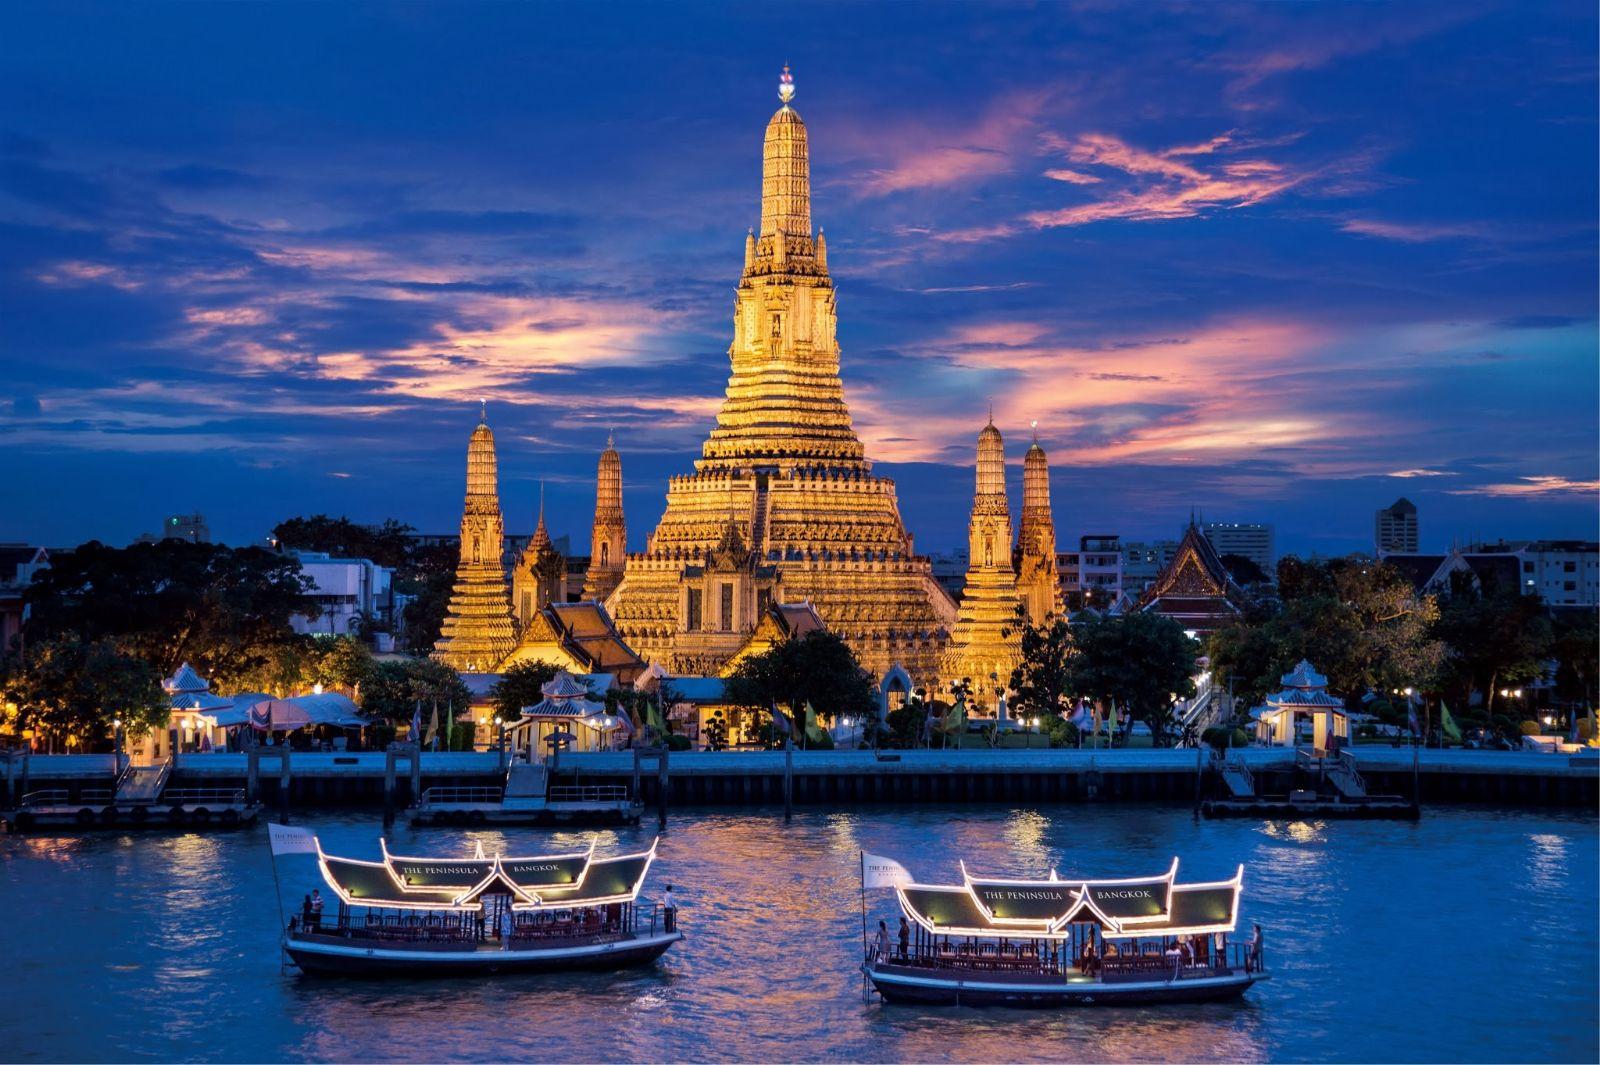 Những nhà hàng ven sông Chao Praya thơ mộng sẽ giúp du khách có một bữa ăn ngon miệng